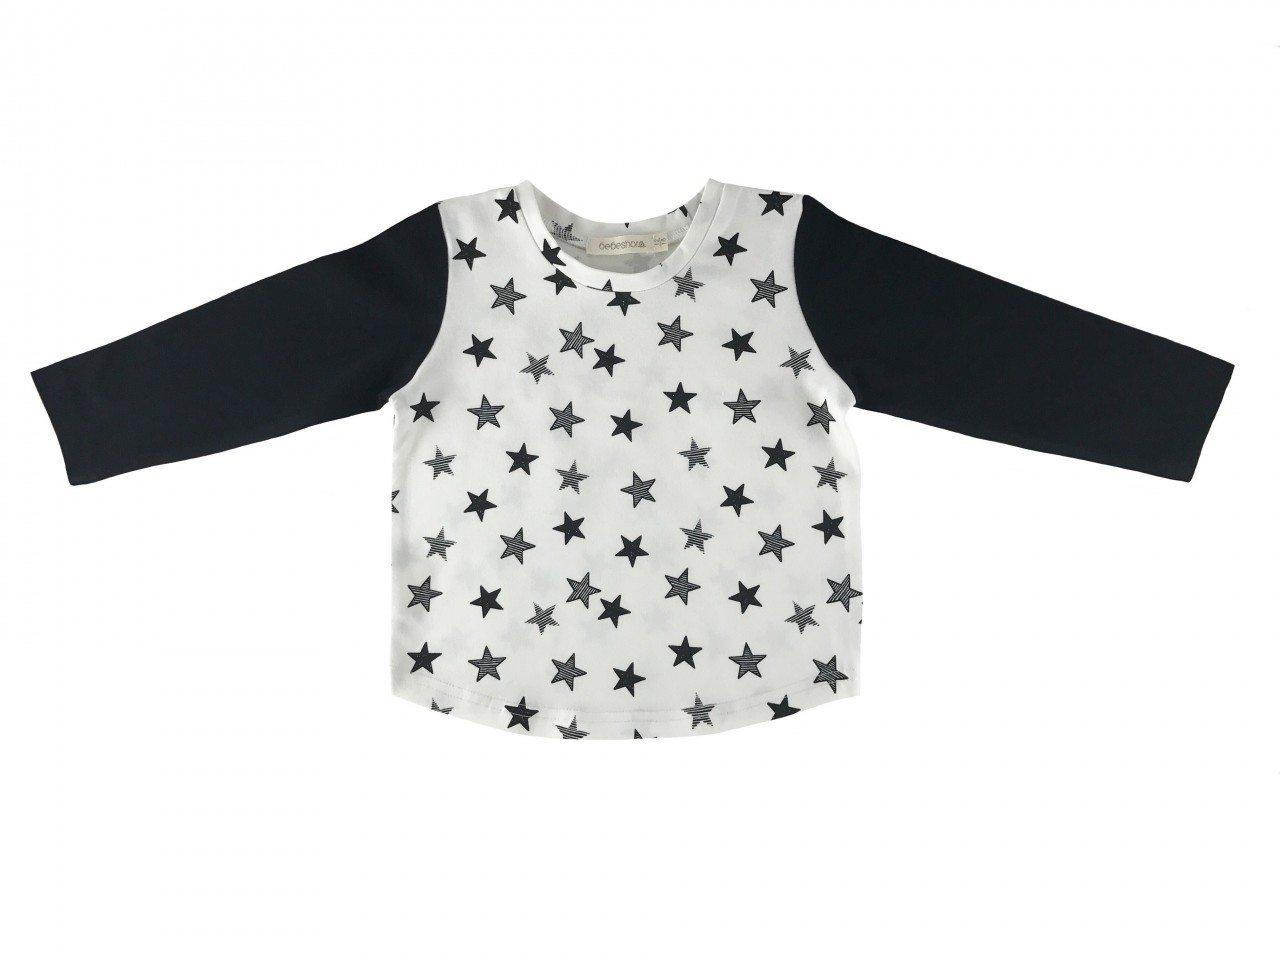 Black stars tee